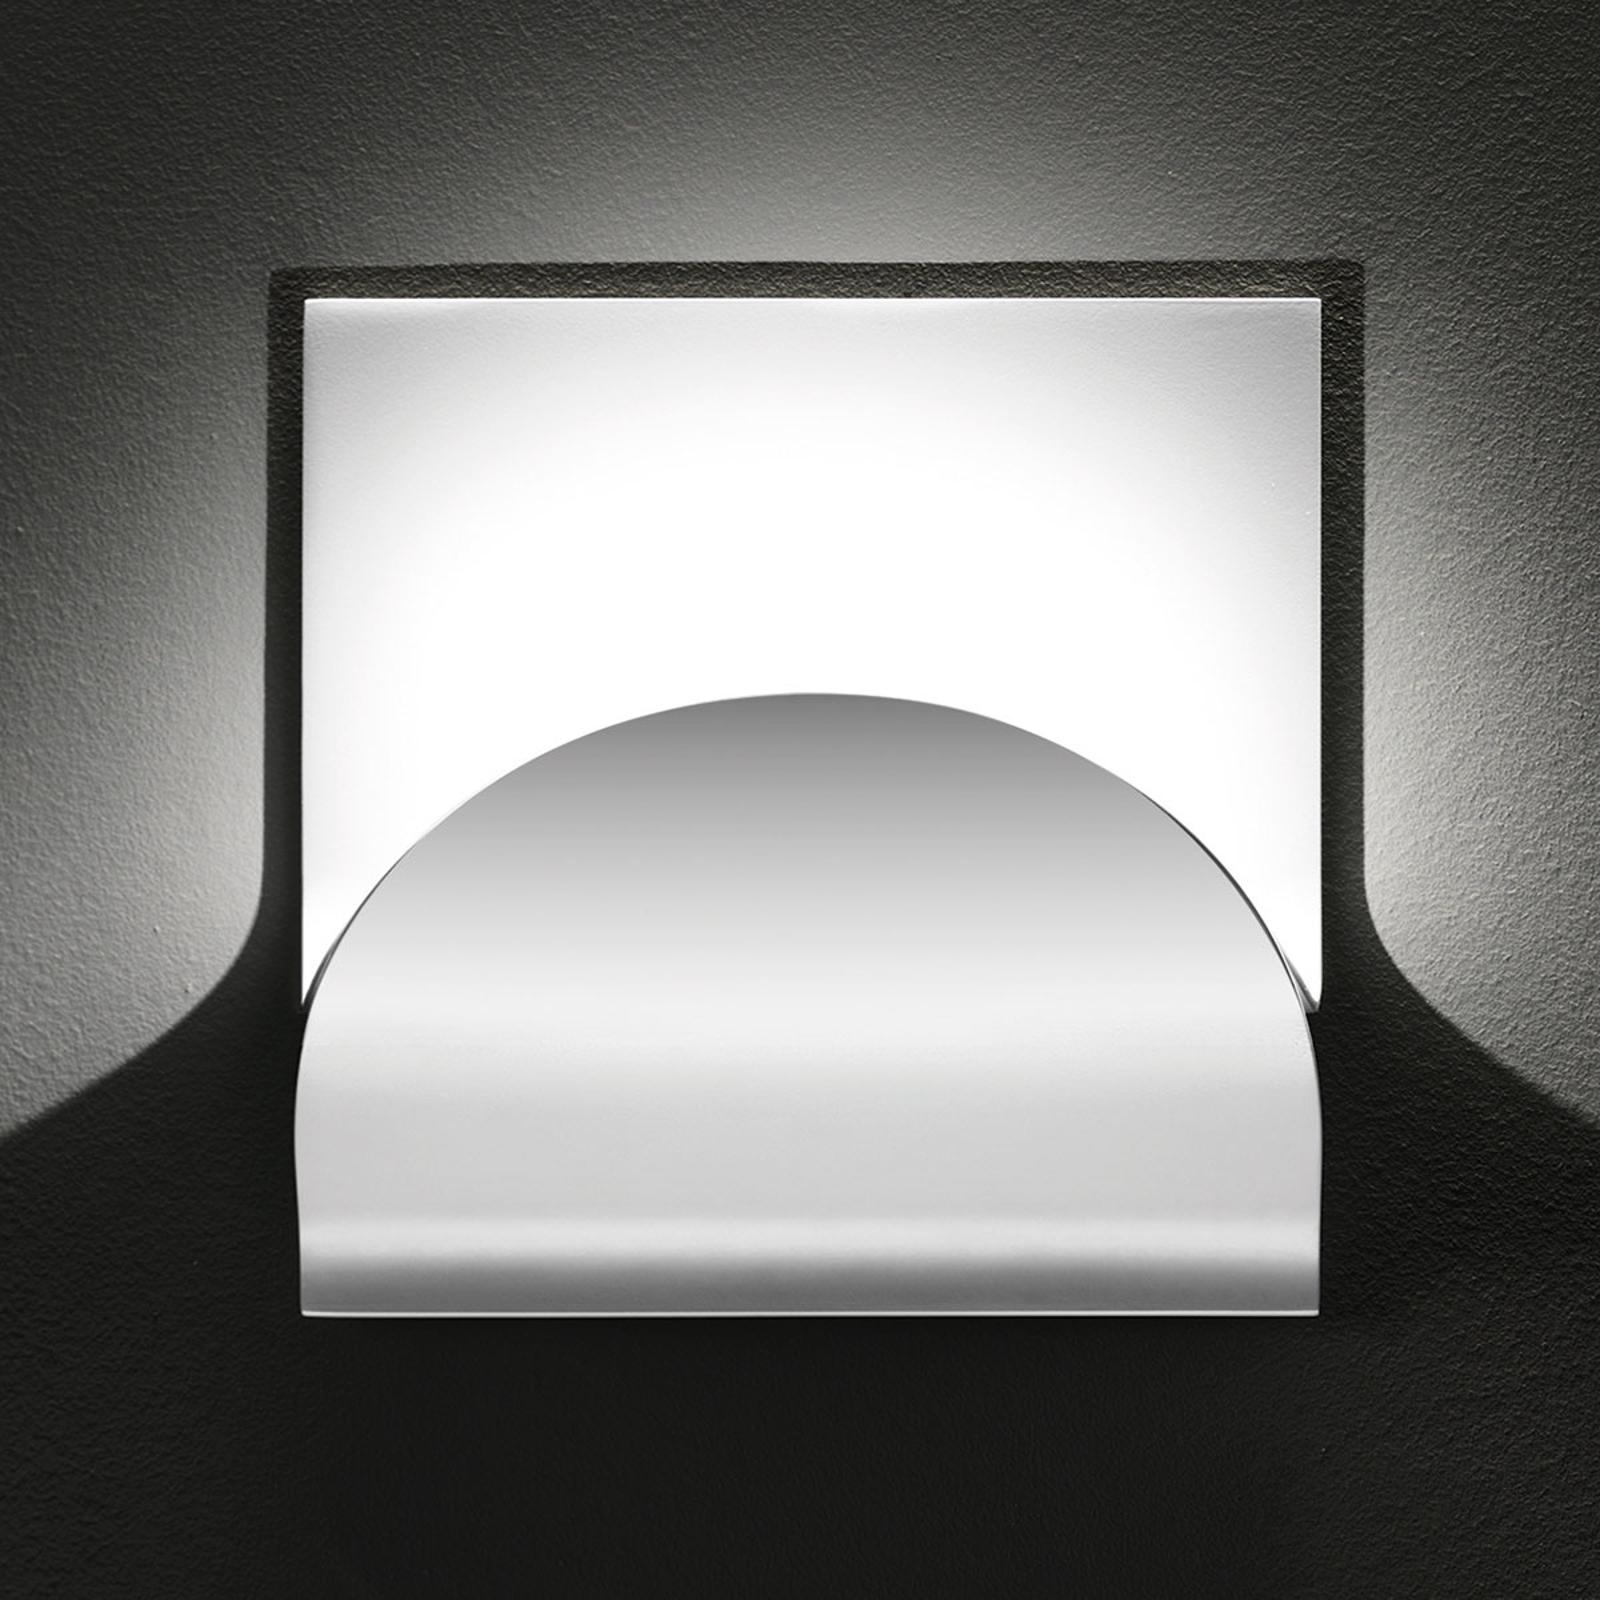 Cini&Nils Incontro - LED-vegglampe, hvit